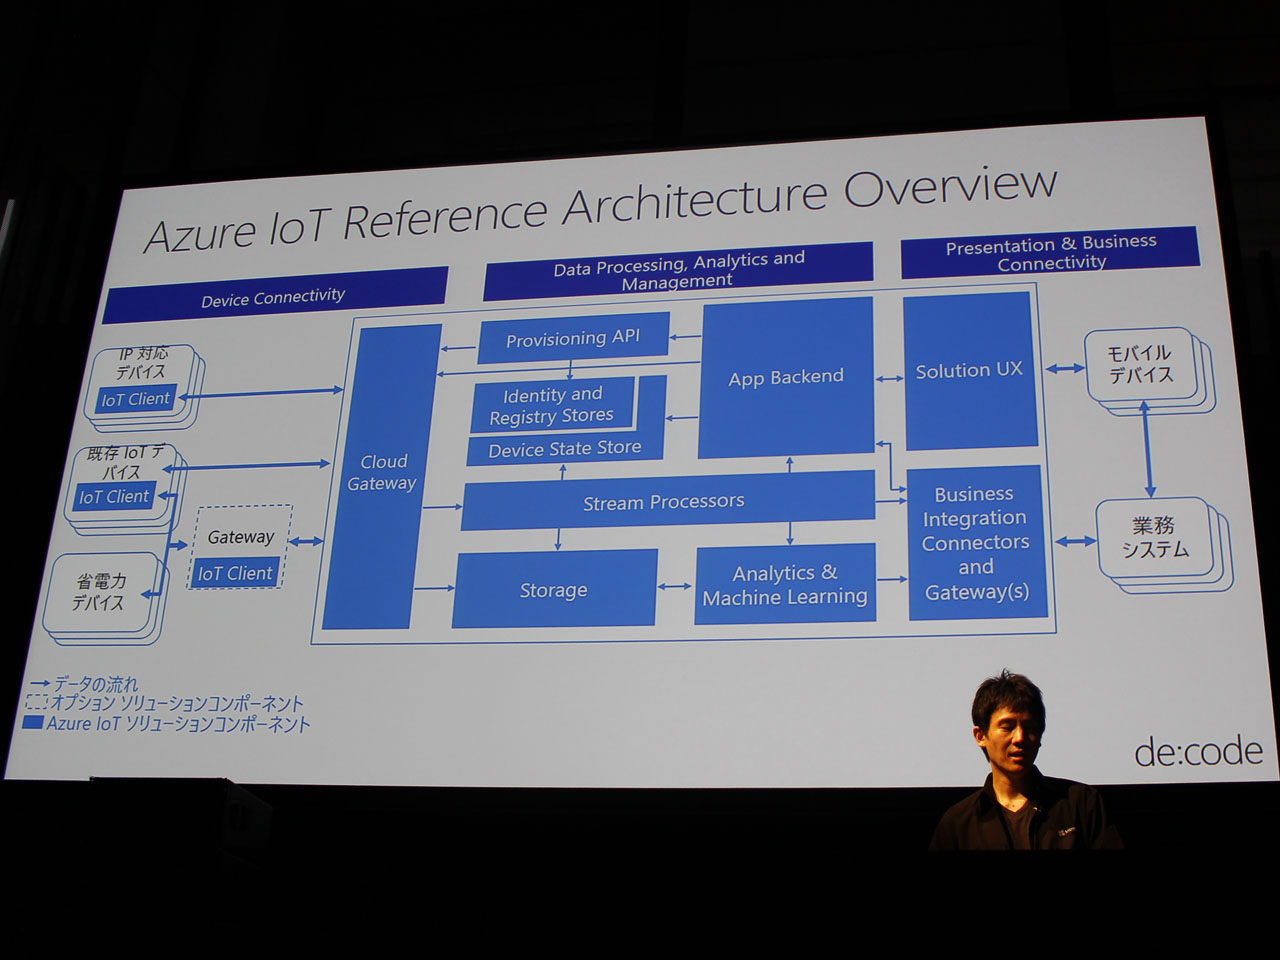 リファレンスアーキテクチャの各構成要素ごとにサービスを用意し、実際のシステムに応じて組み合わせることができるという。